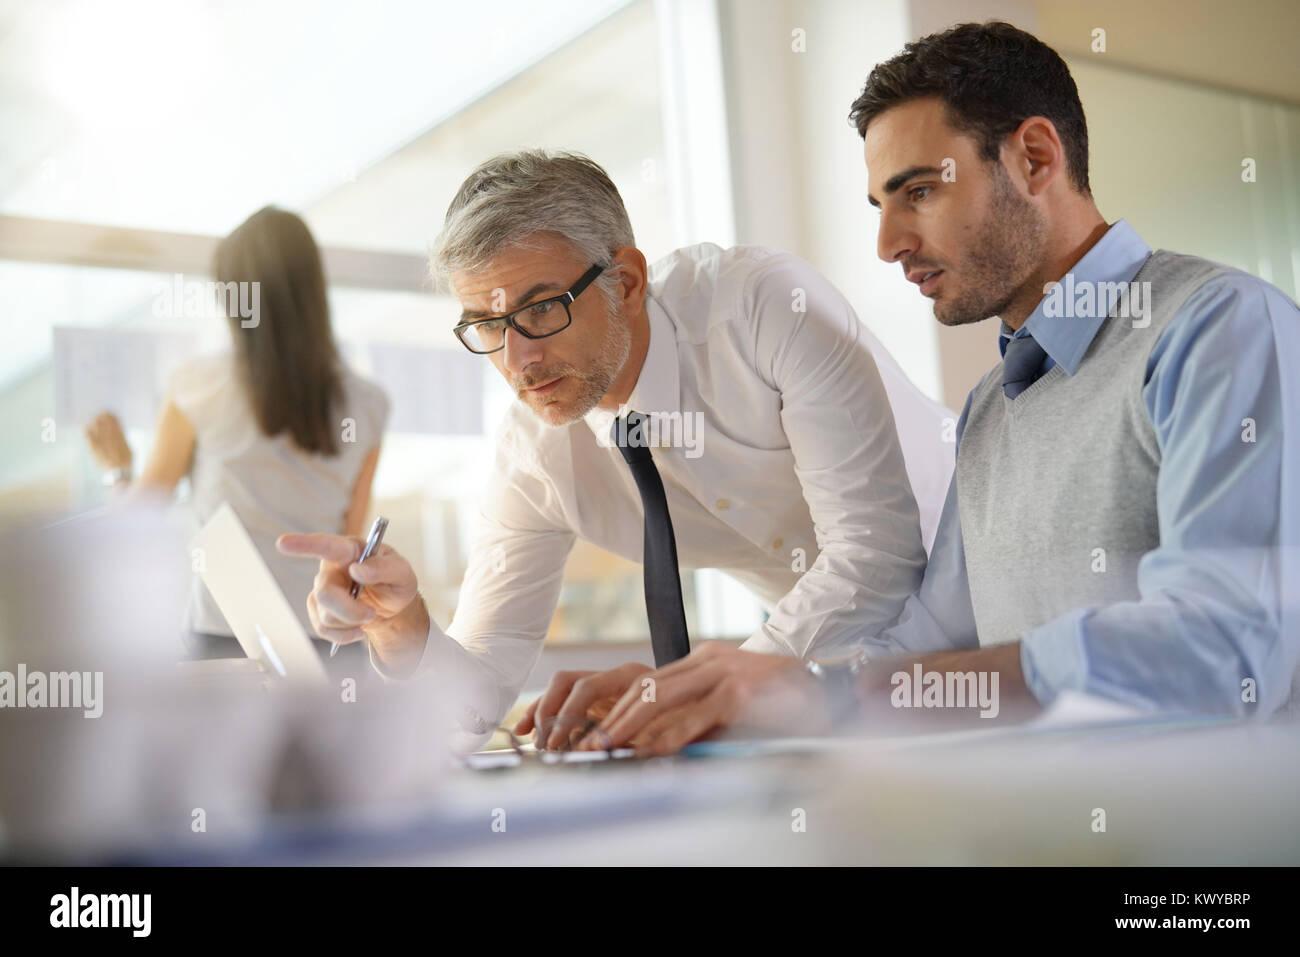 La gente financiera trabajando juntos sobre presupuesto en Office Foto de stock